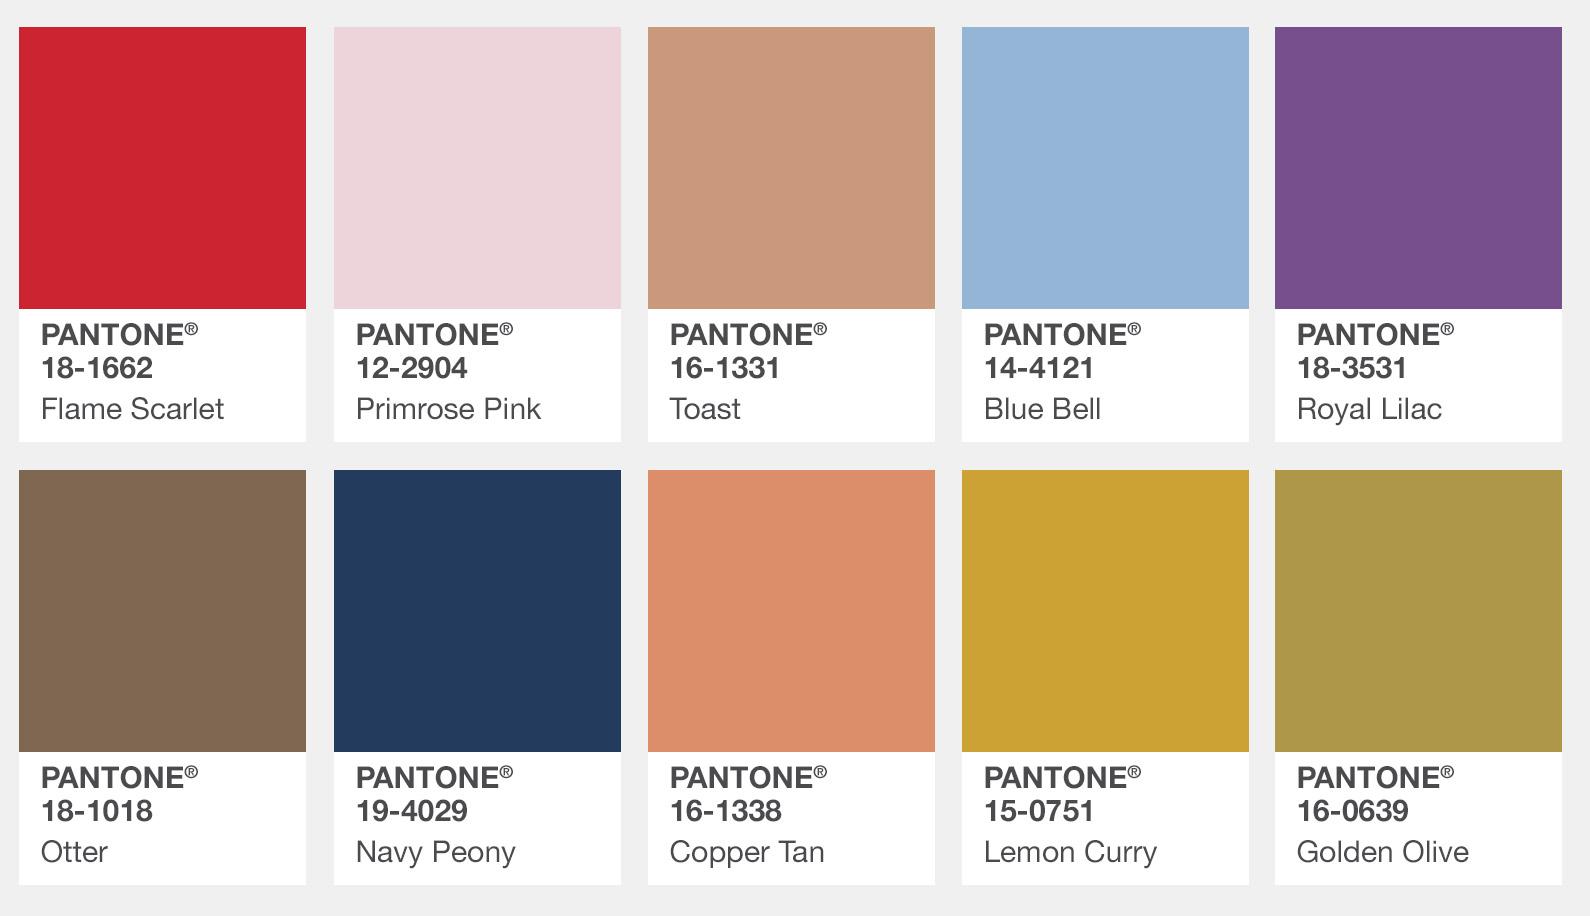 Appletizer for Pantone paint colors